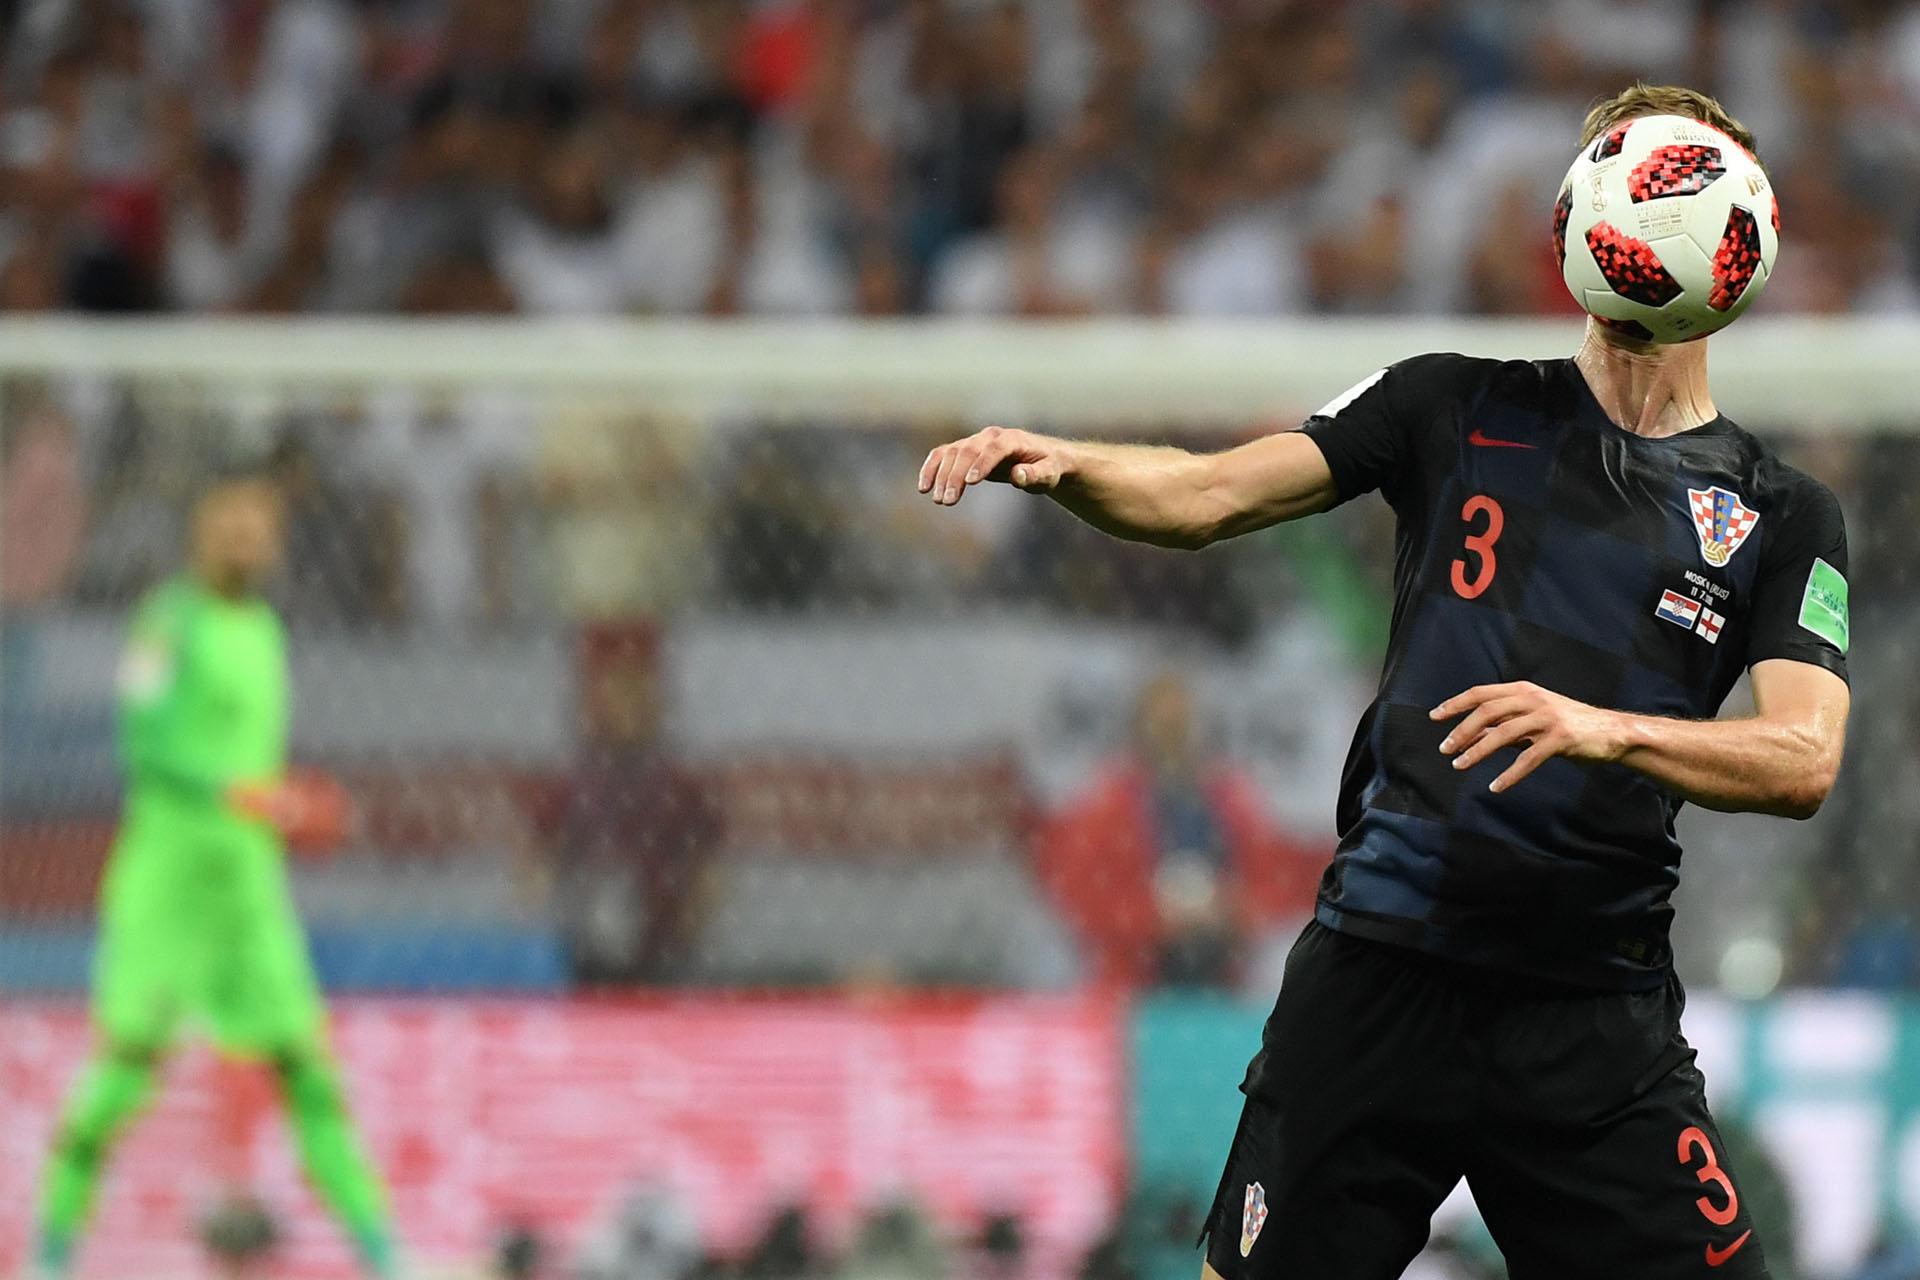 El rostro del croata Ivan Strinic es ocultado por el balón durante la semifinal ante Inglaterra